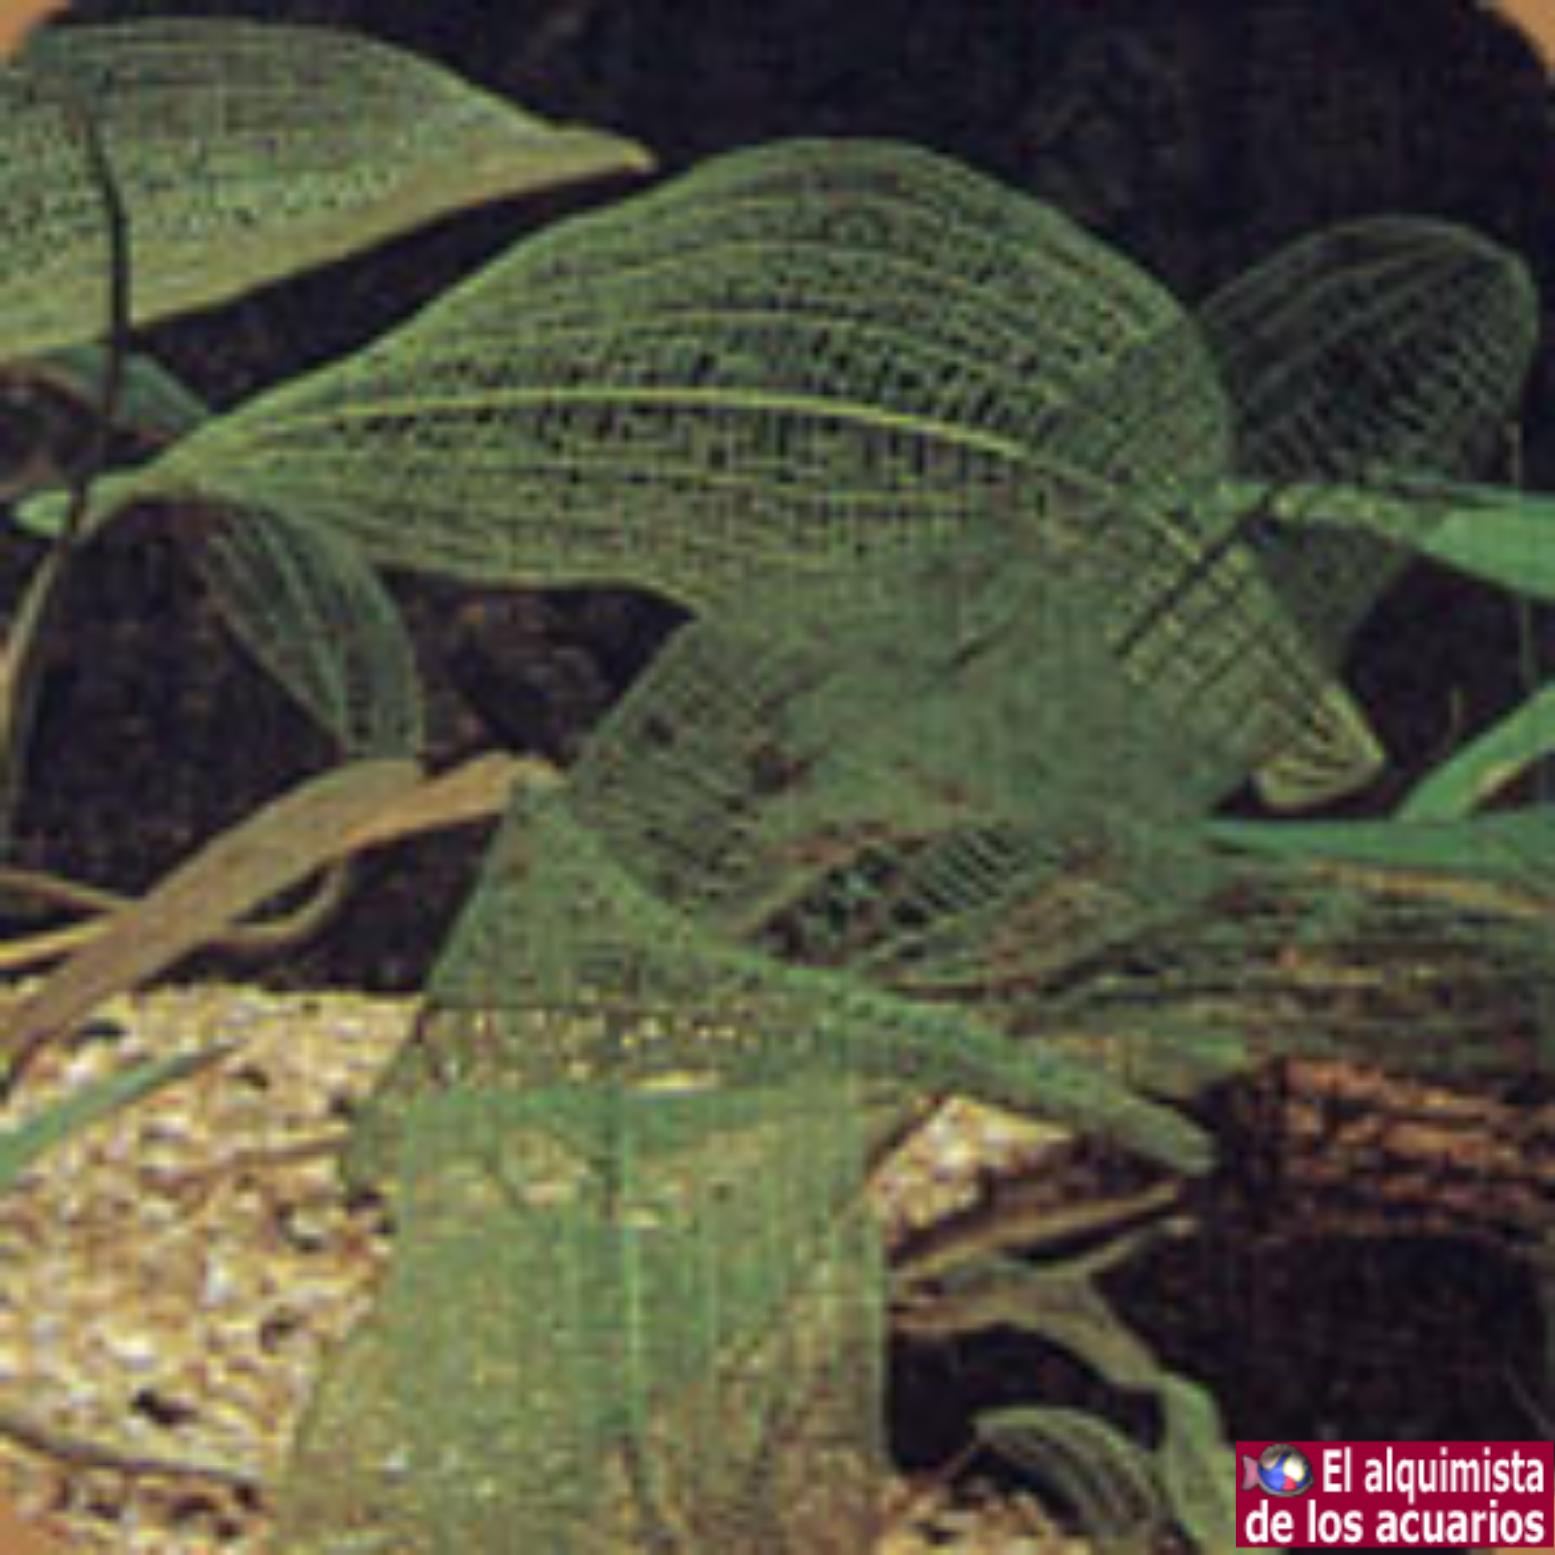 synnema trifolium (Glicine de agua)